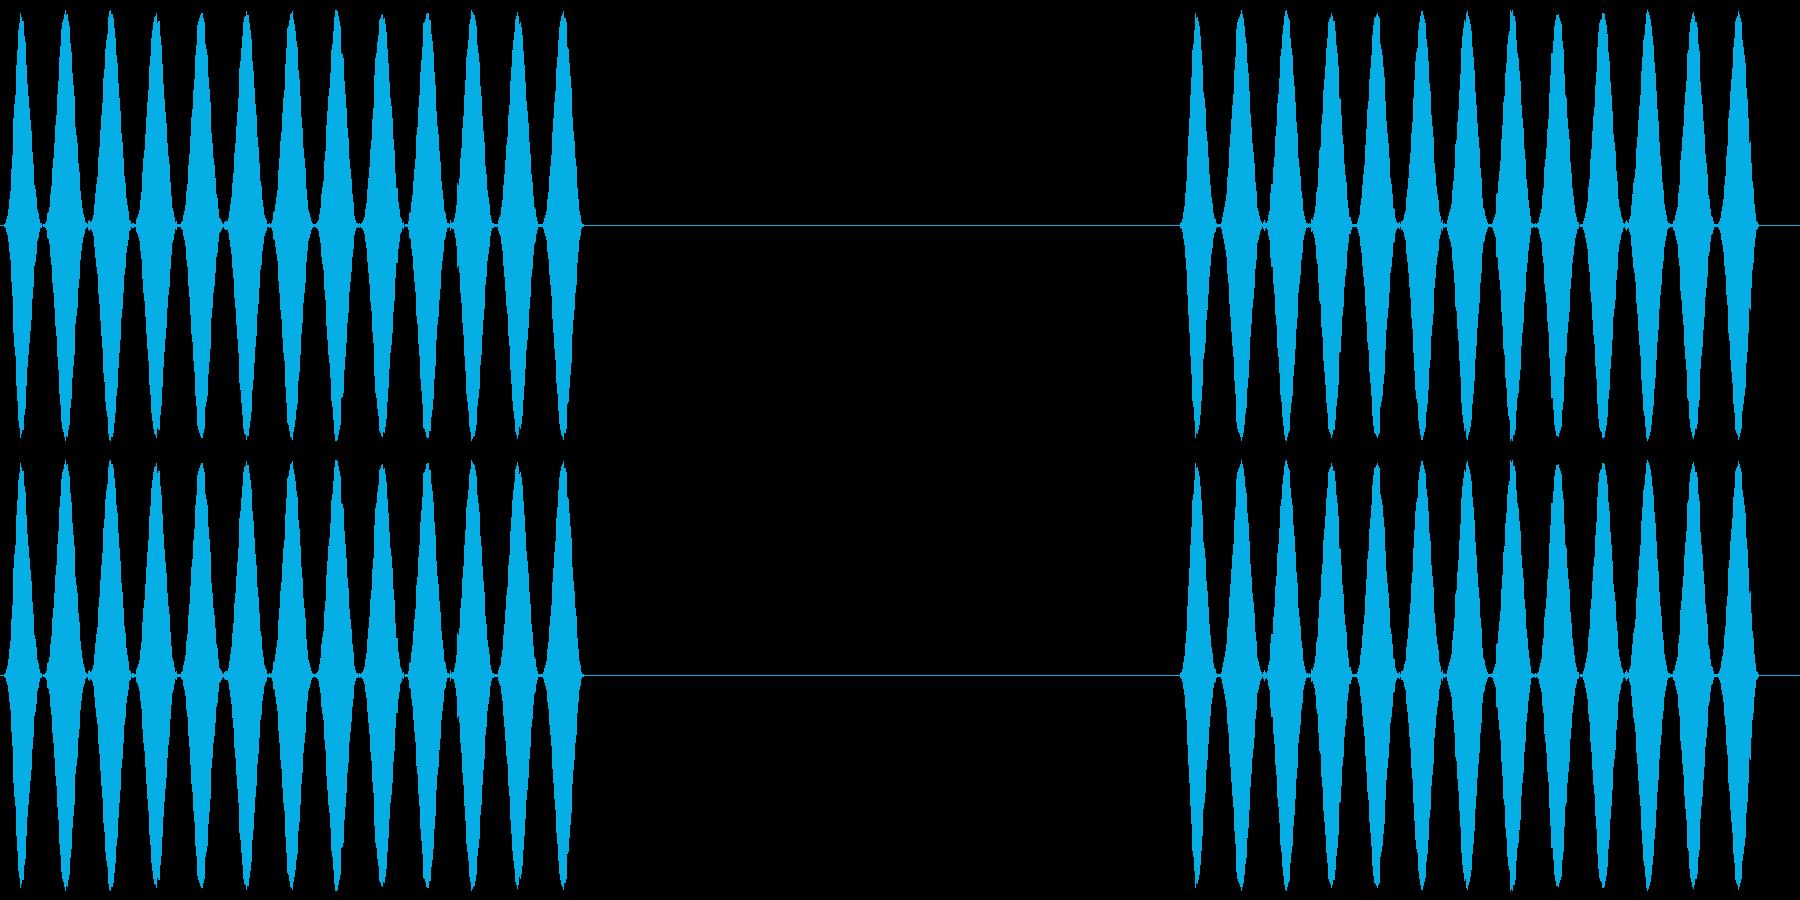 電話 呼び出し音 プルルルル×2 客観風の再生済みの波形